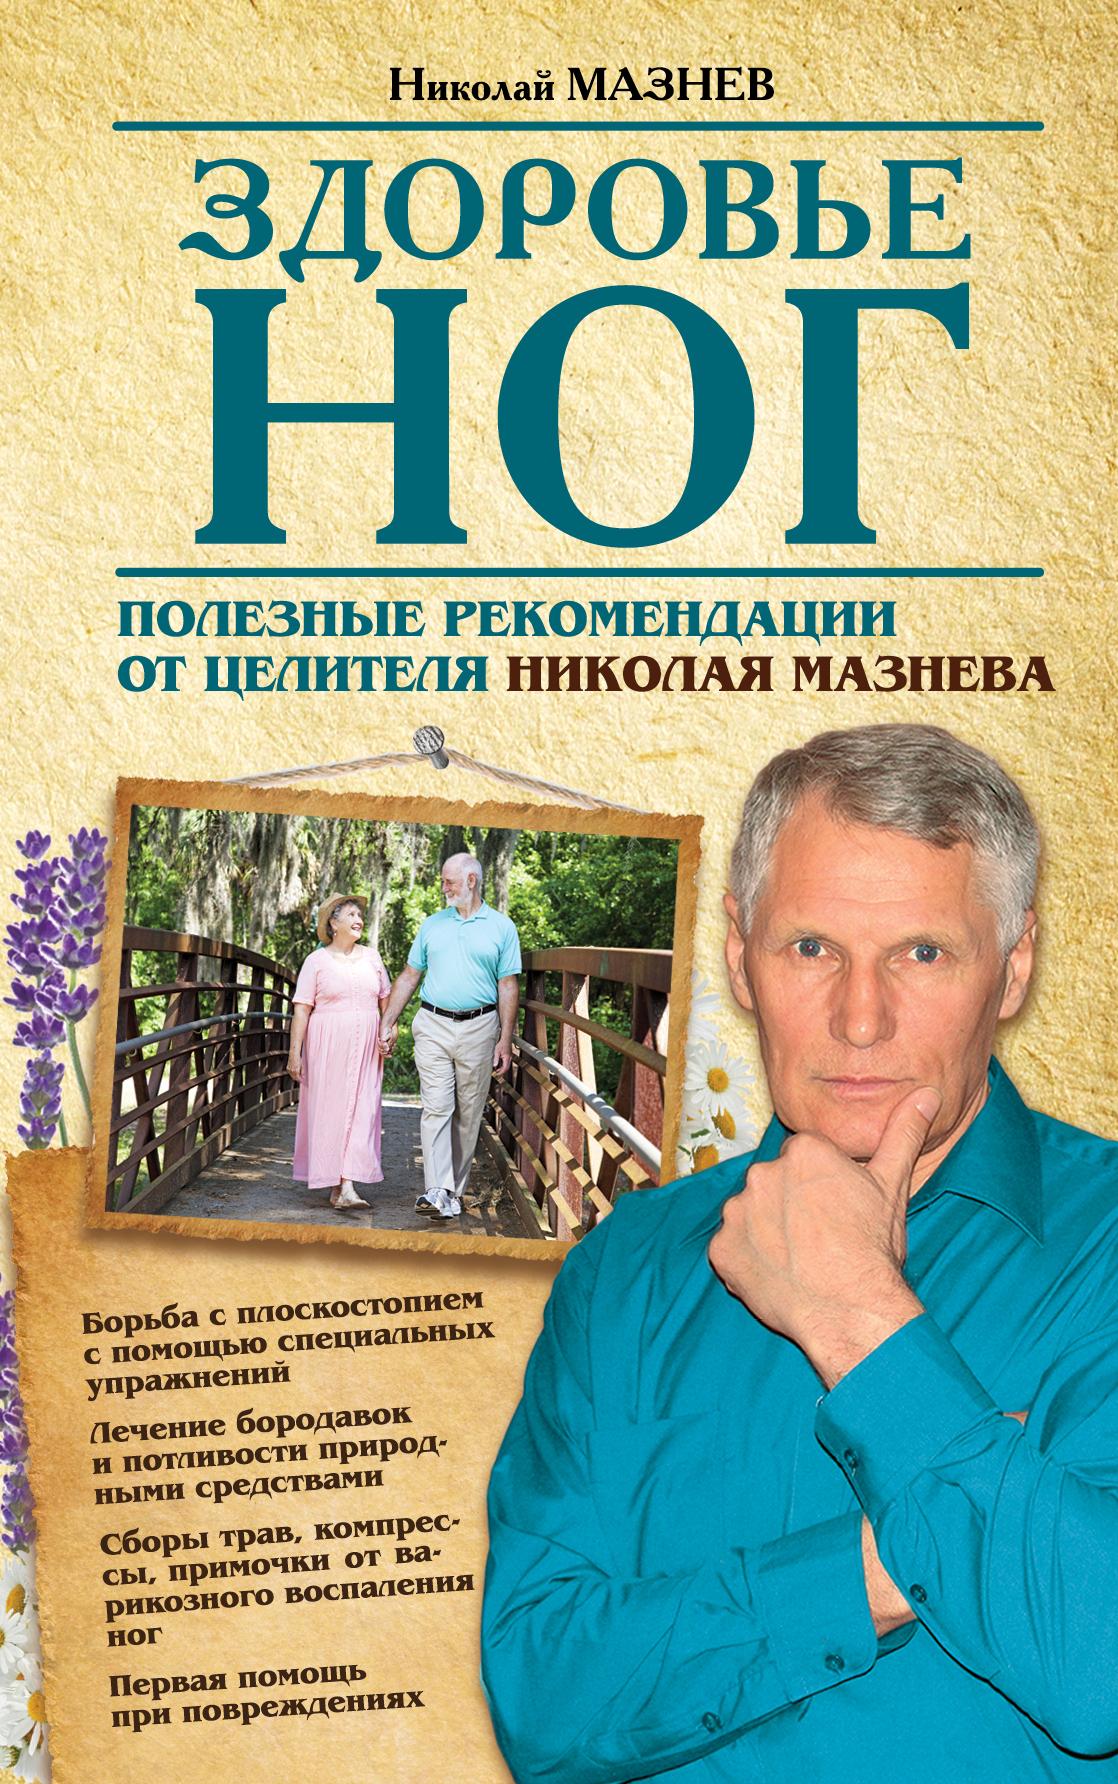 Здоровье ног. Полезные рекомендации от целителя Николая Мазнева.